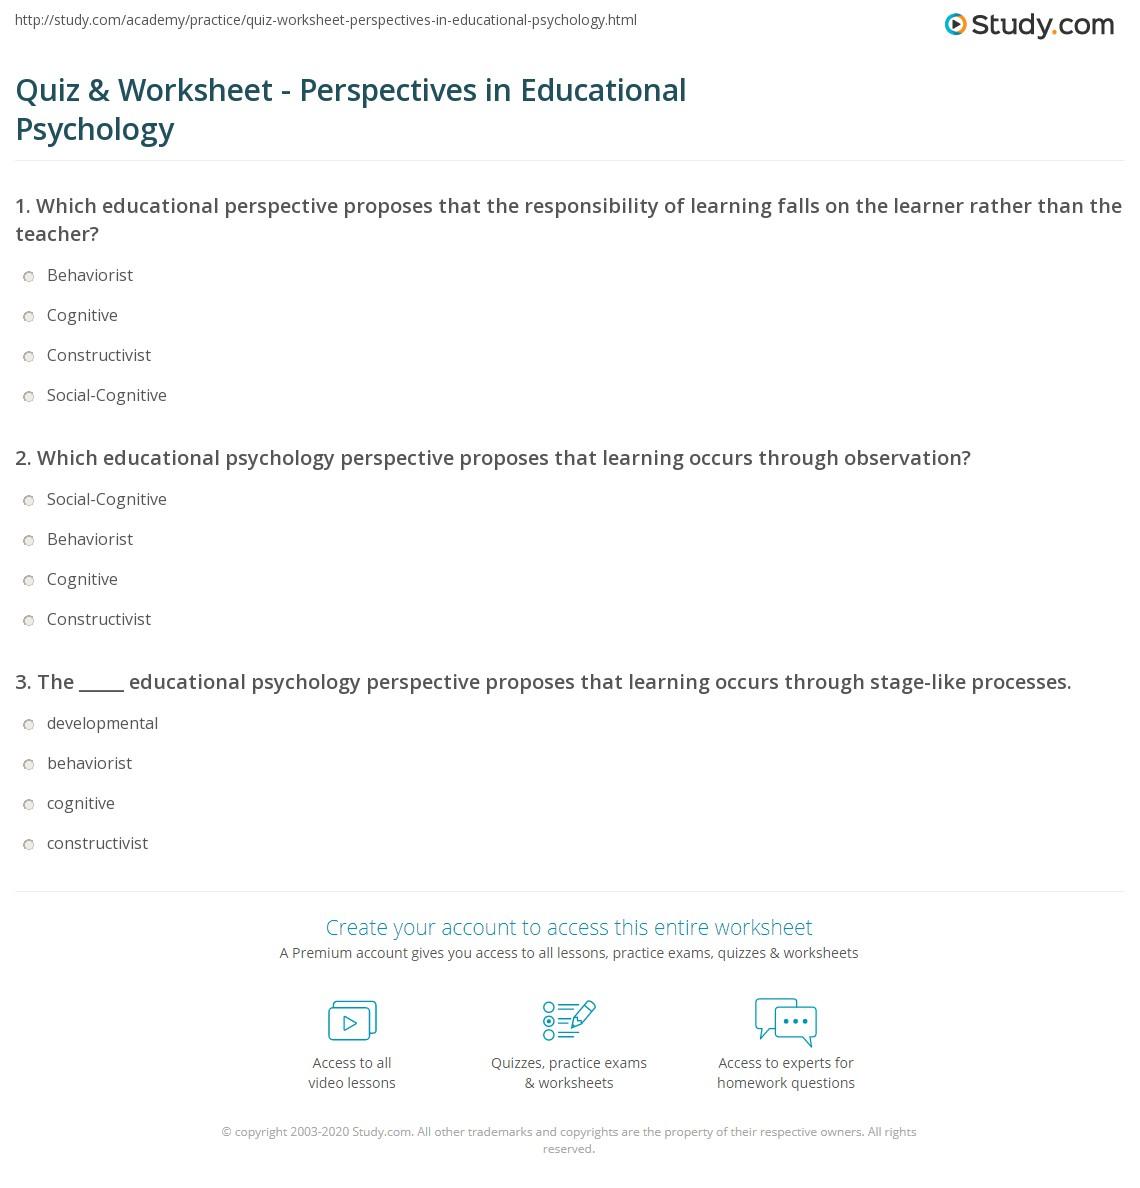 quiz worksheet perspectives in educational psychology. Black Bedroom Furniture Sets. Home Design Ideas